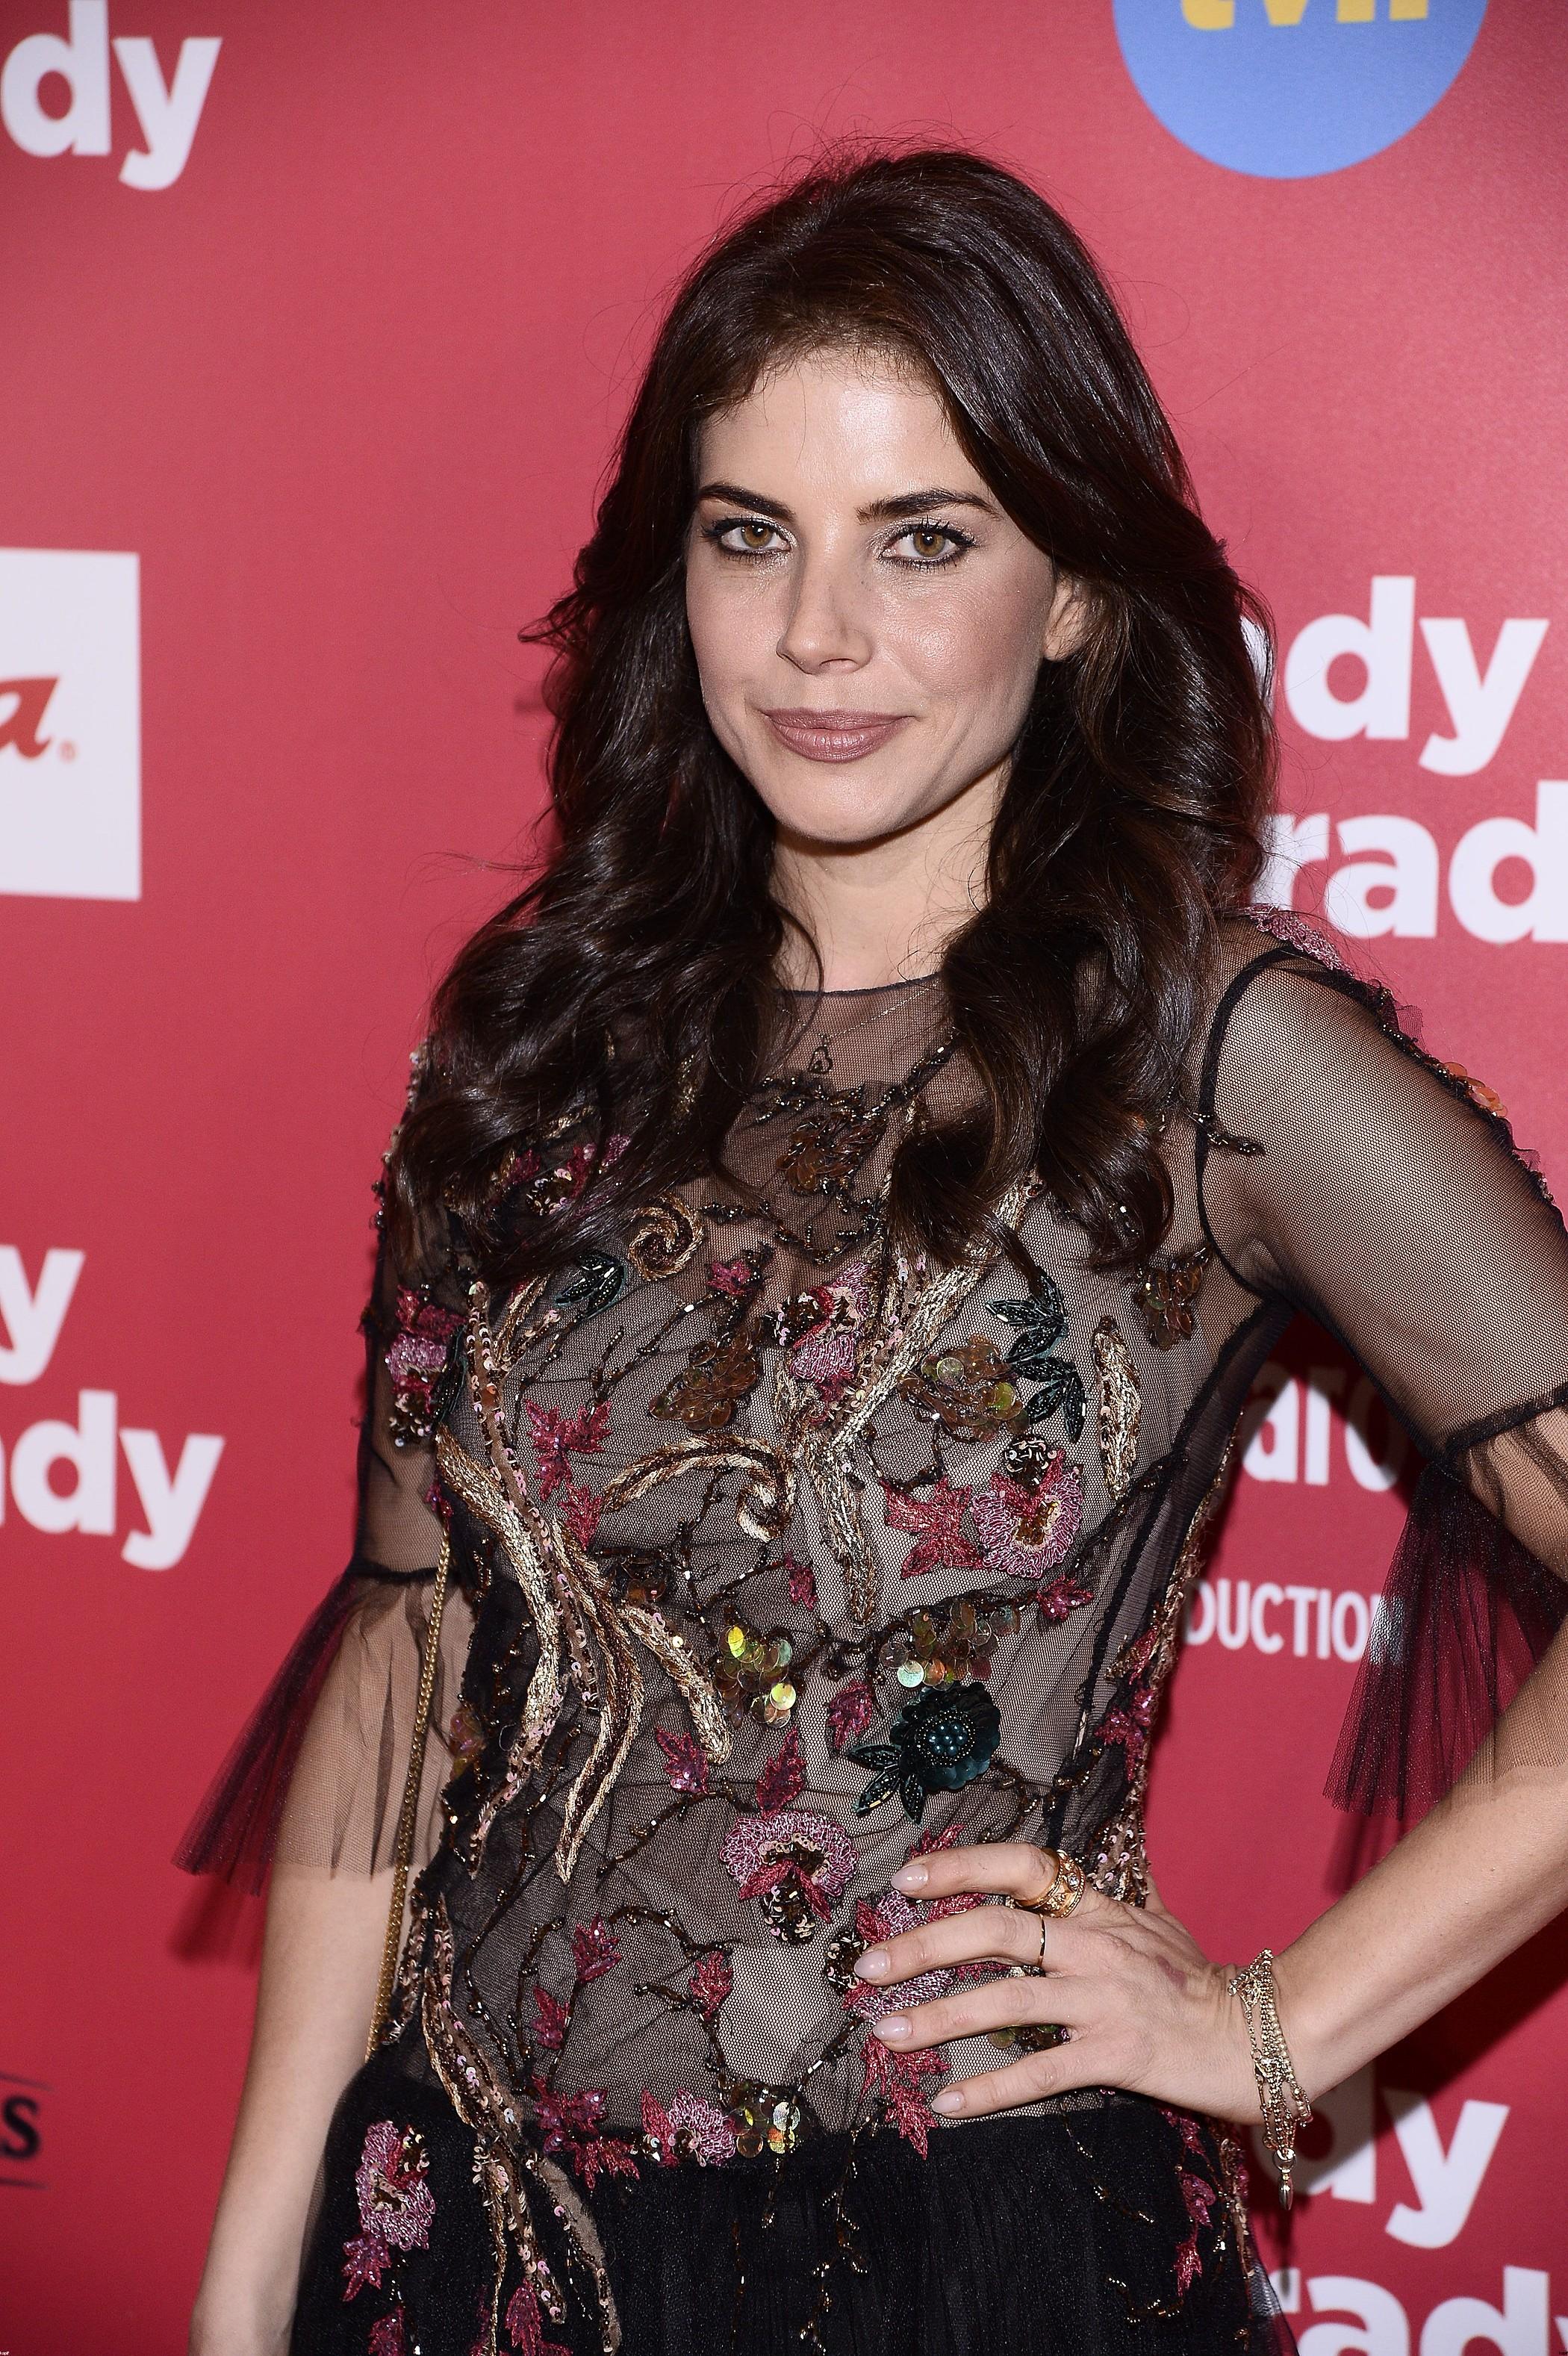 Weronika Rosati na premierę założyła sukienkę idealną na... studniówkę!